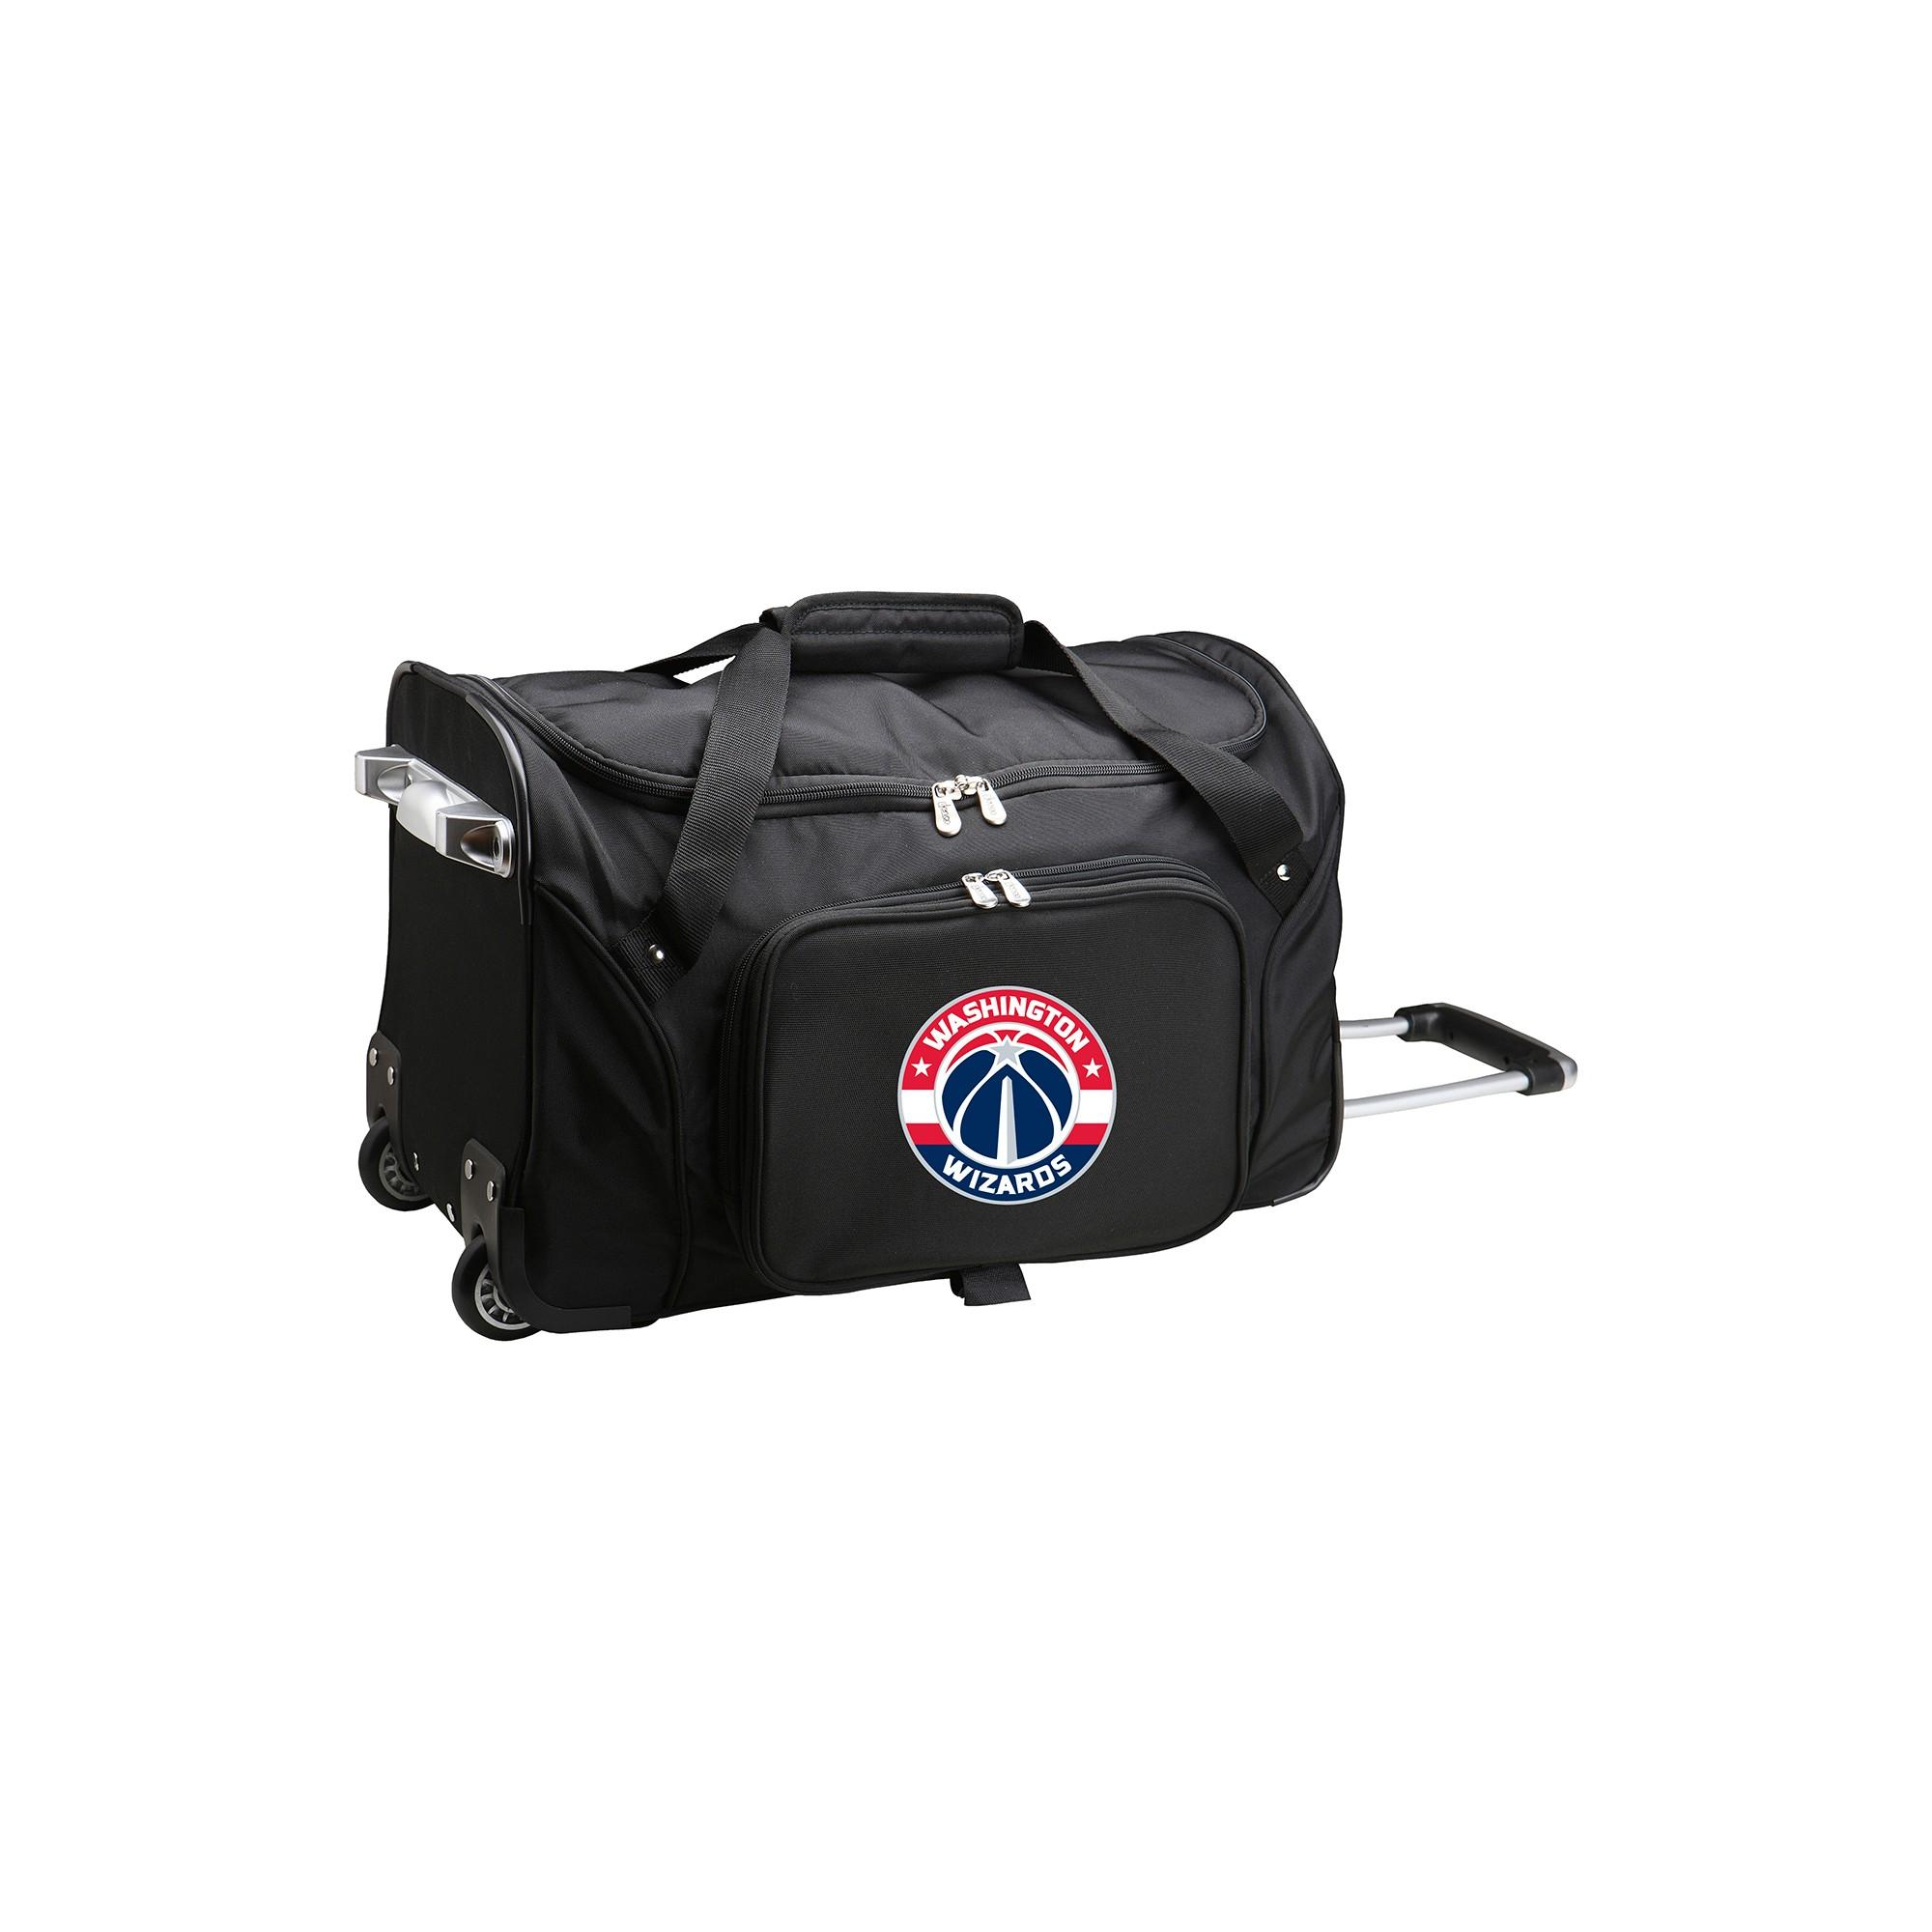 546a2c03a2 NBA Washington Wizards Mojo 22 Rolling Duffle Bag